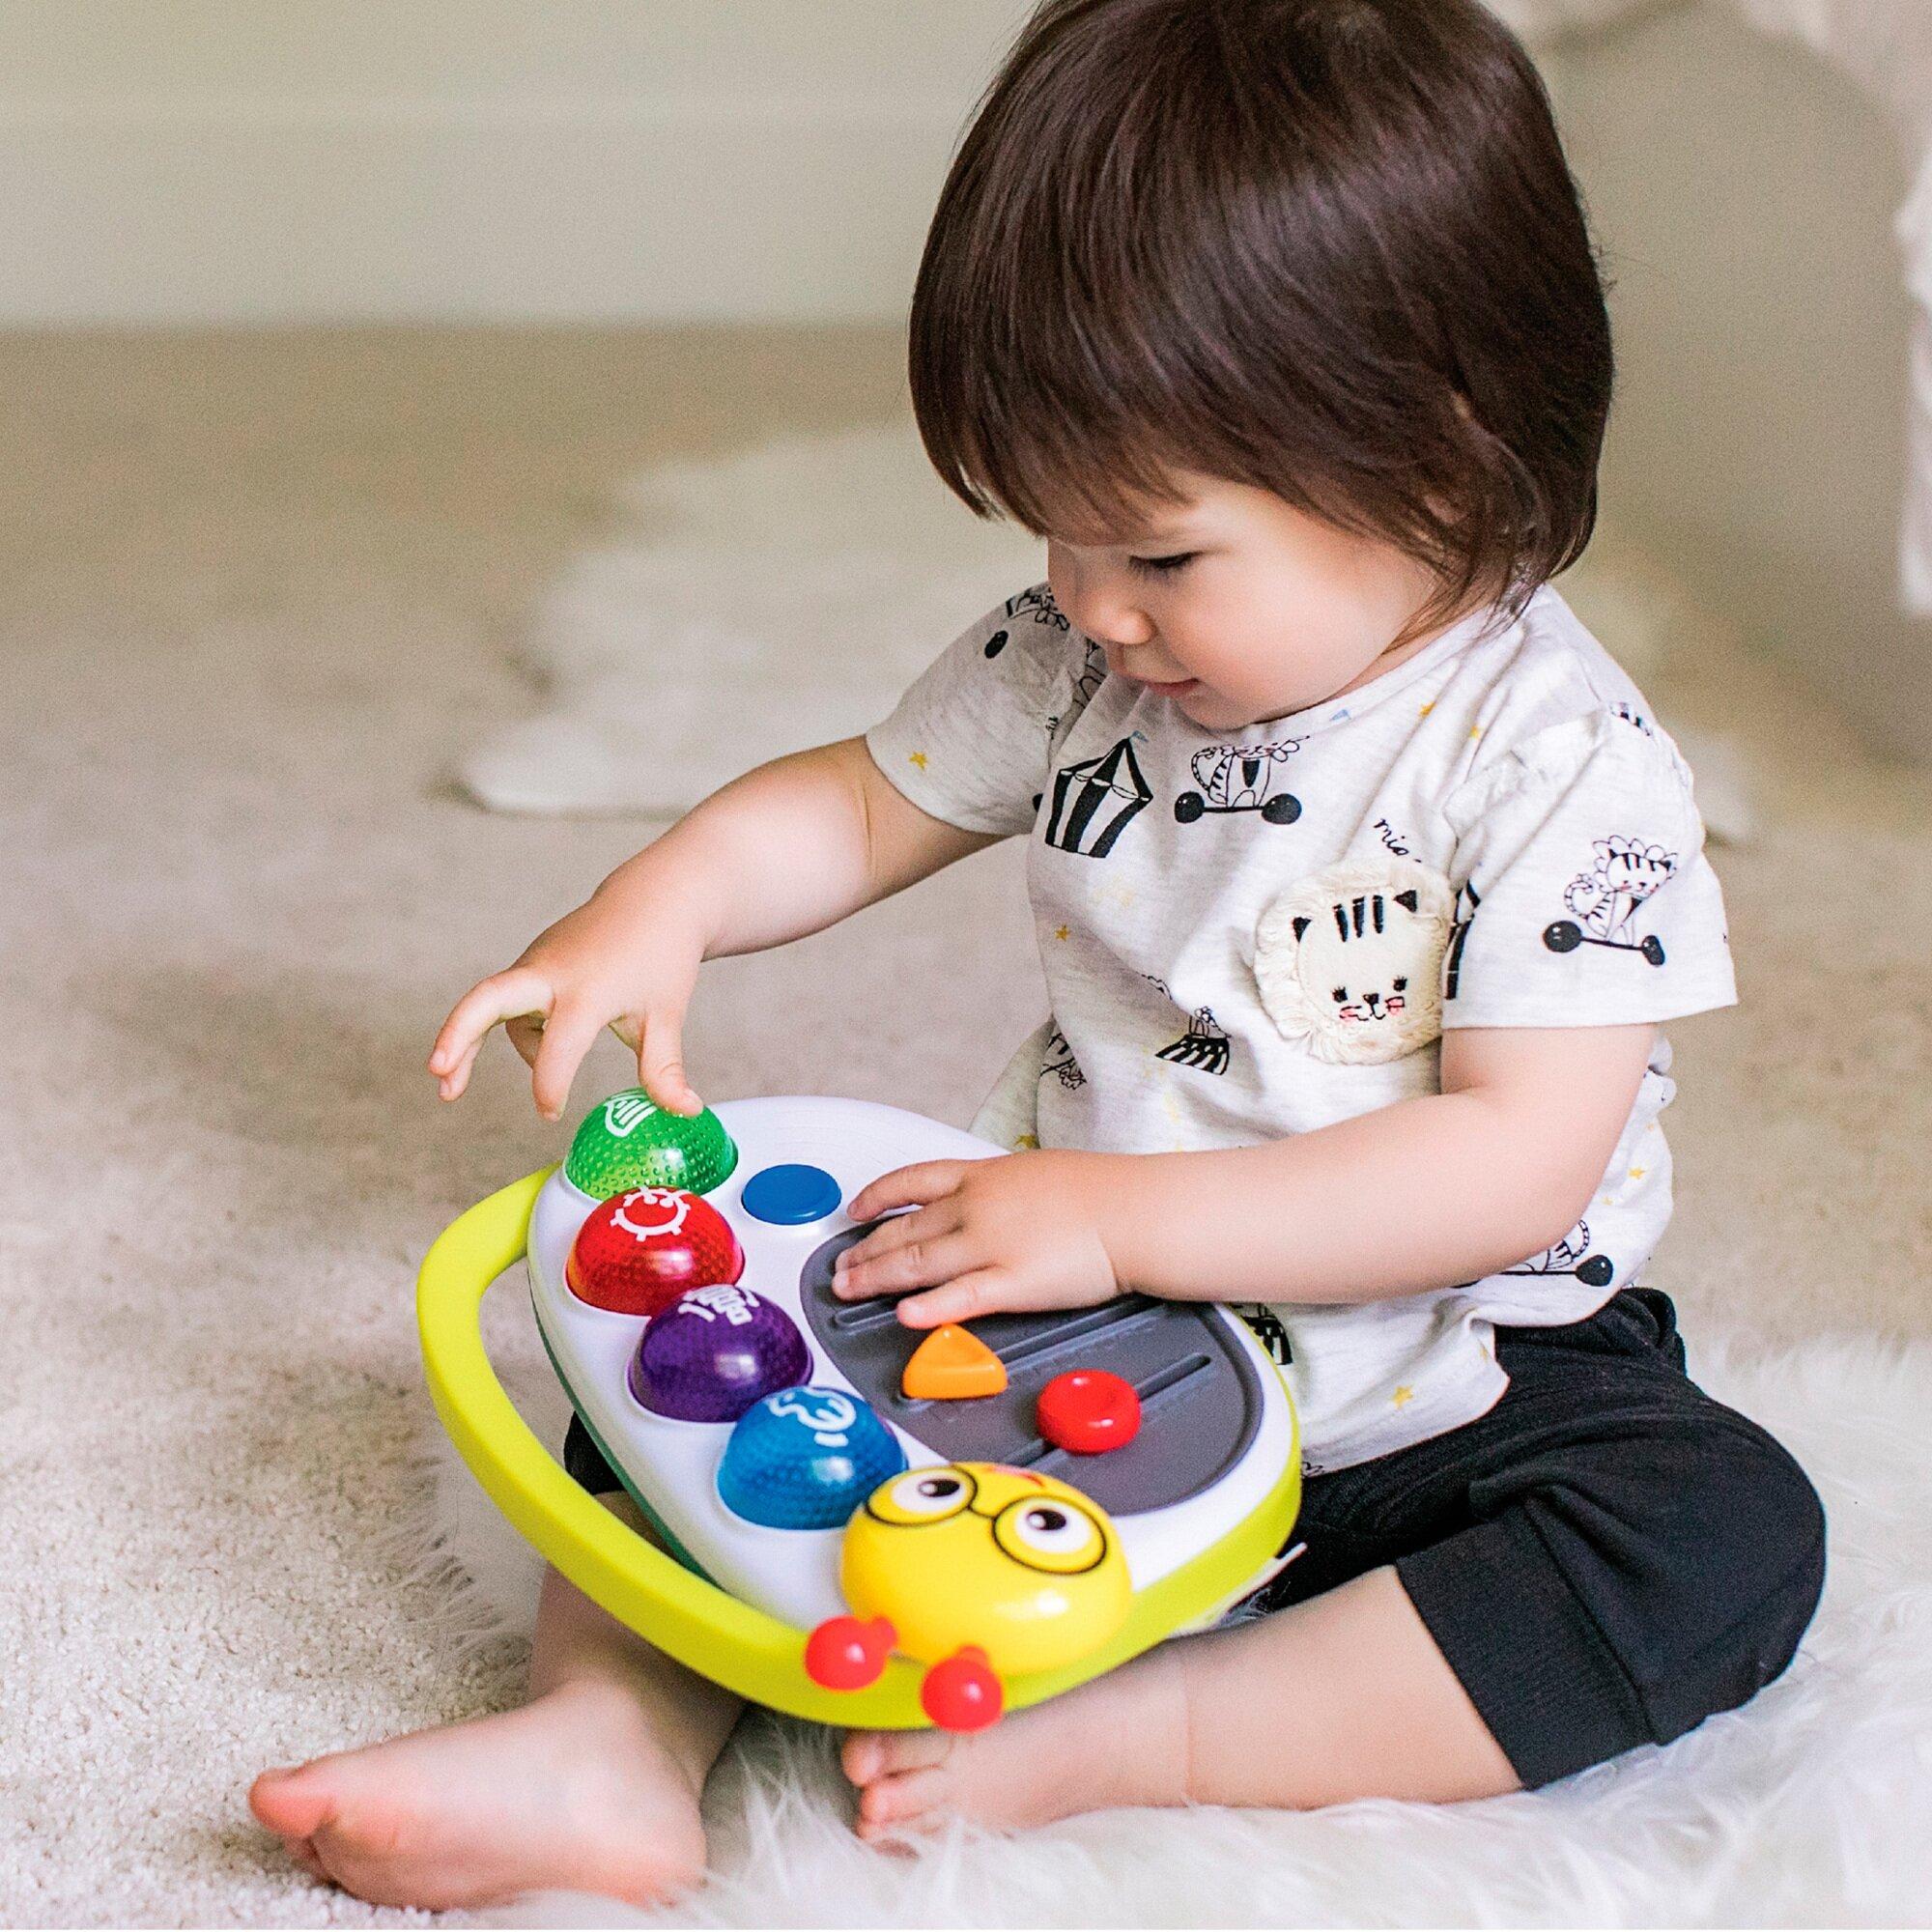 baby-einstein-musikspielzeug-little-dj